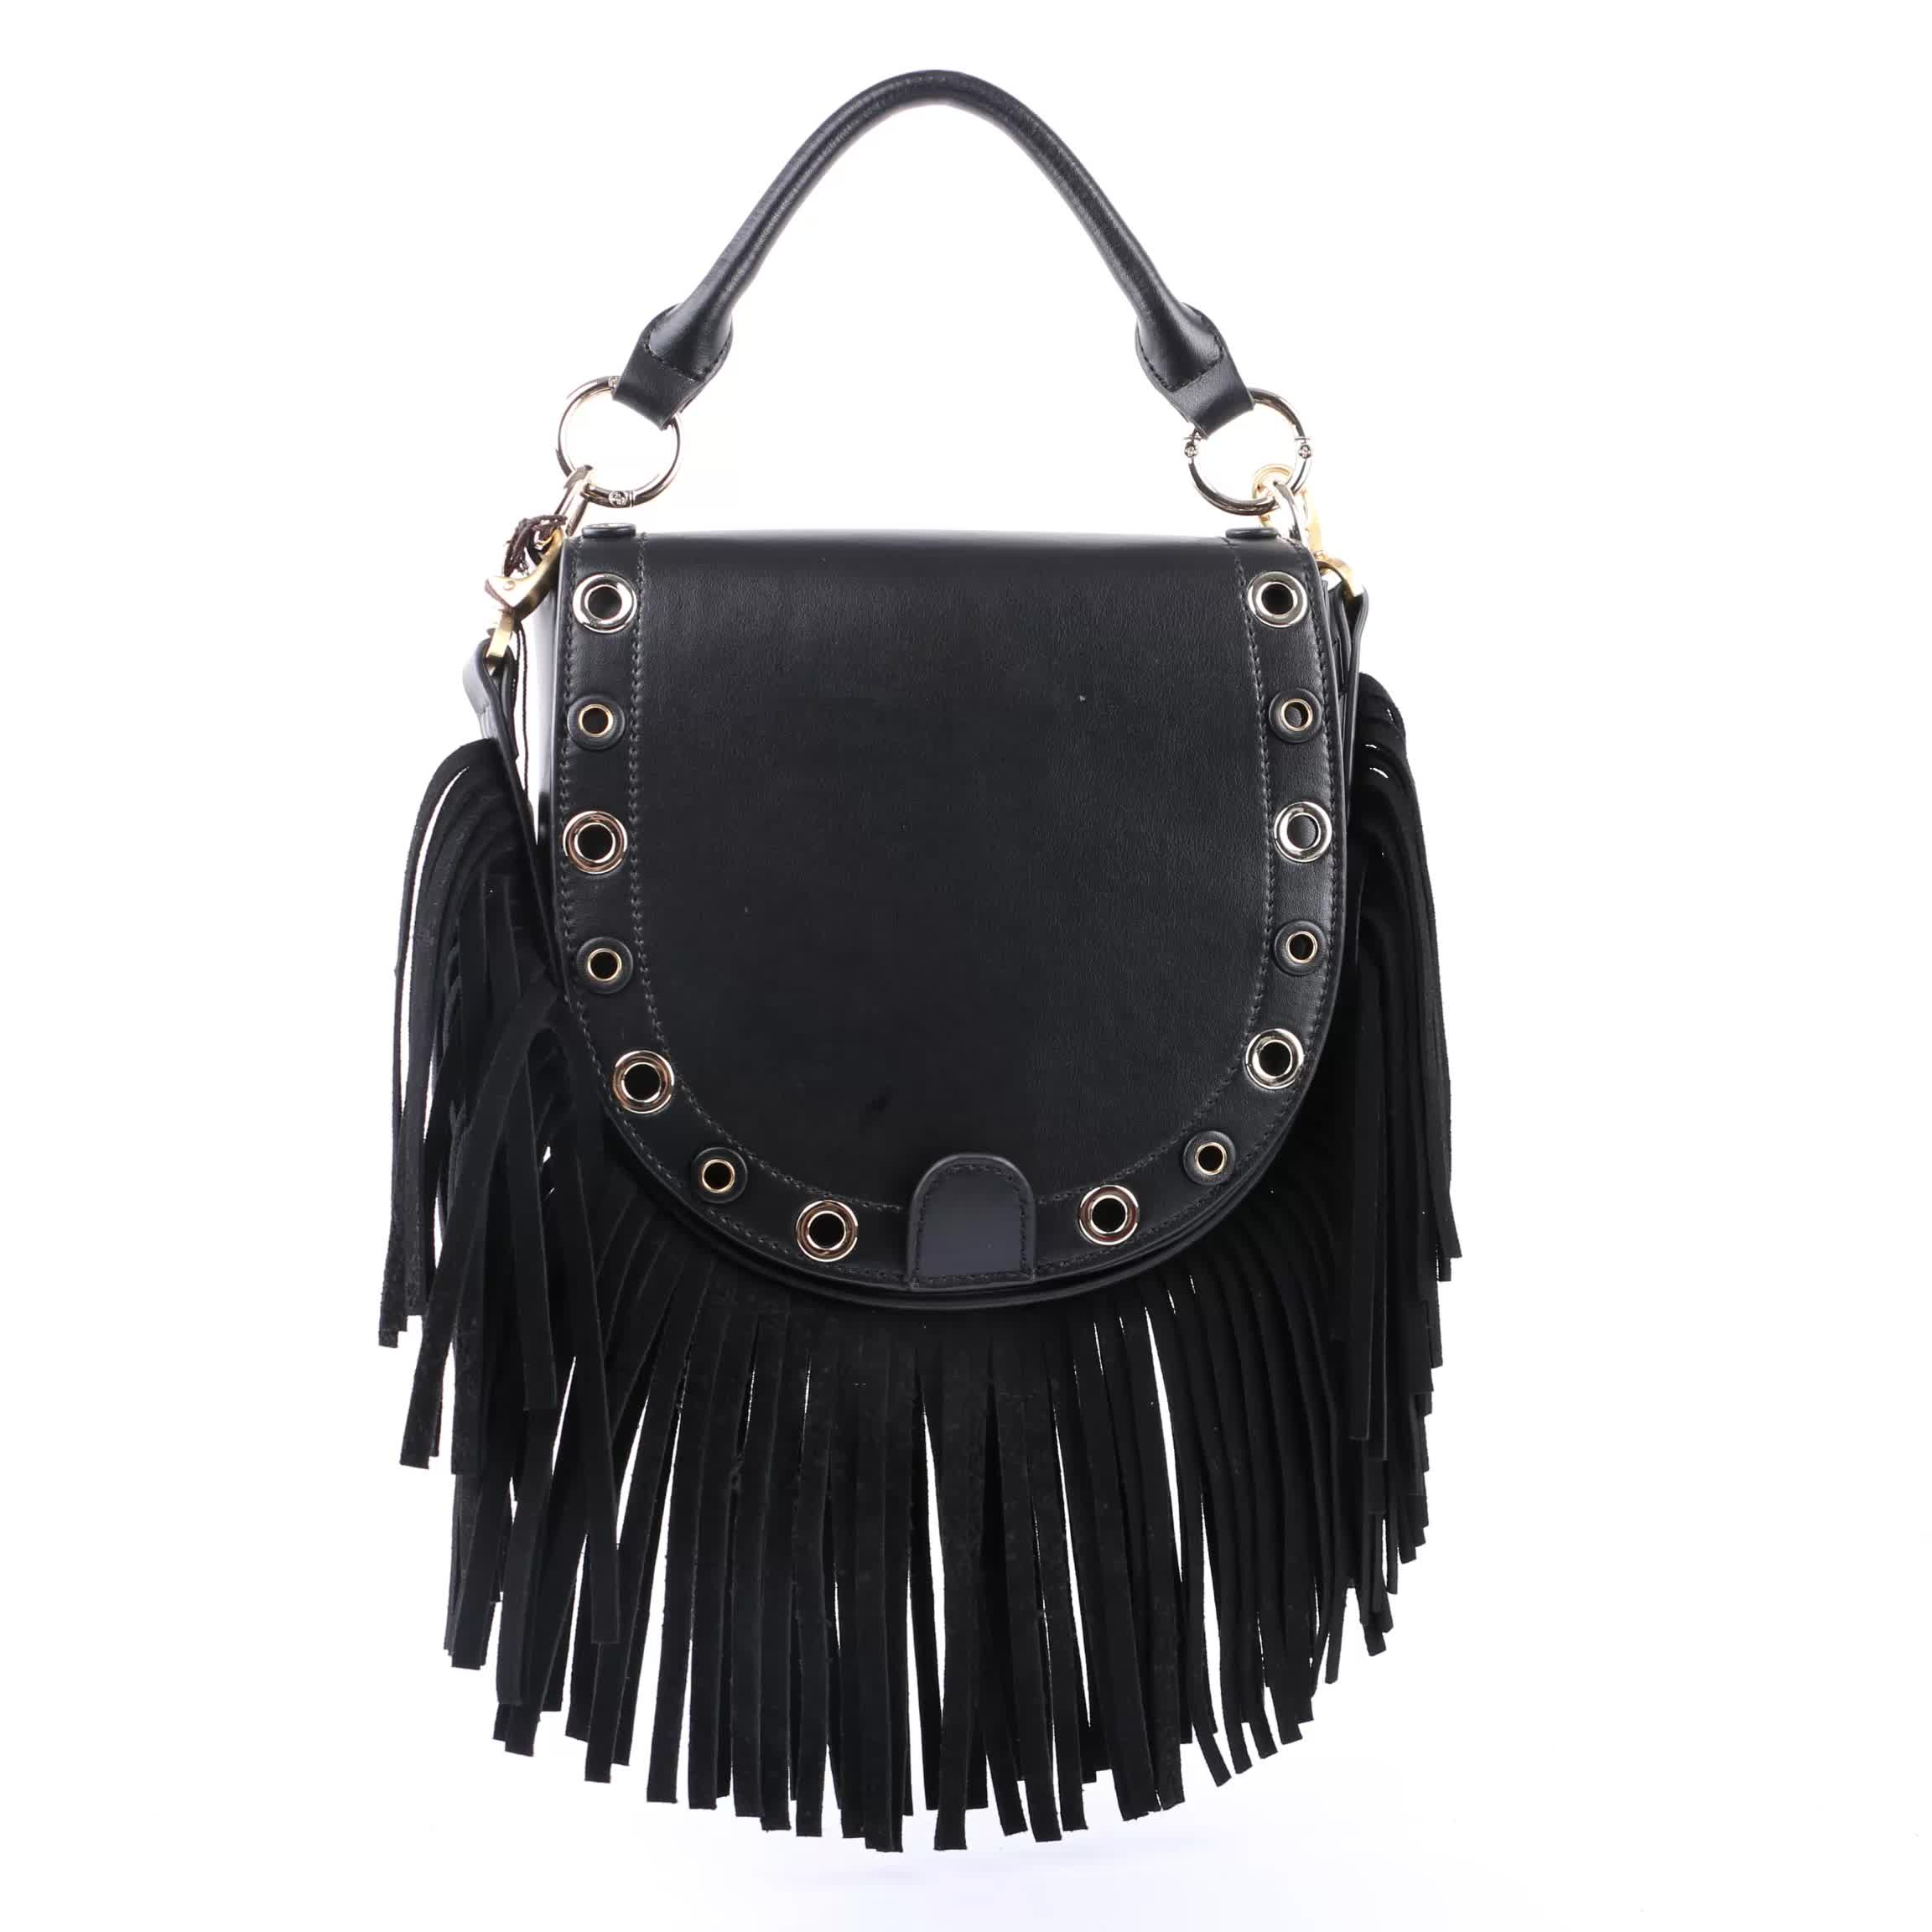 579f5d09a11e Оптовая продажа модные дизайнерские сумки женская сумка-тоут мини сумка  кожаная сумка Китай интернет магазин